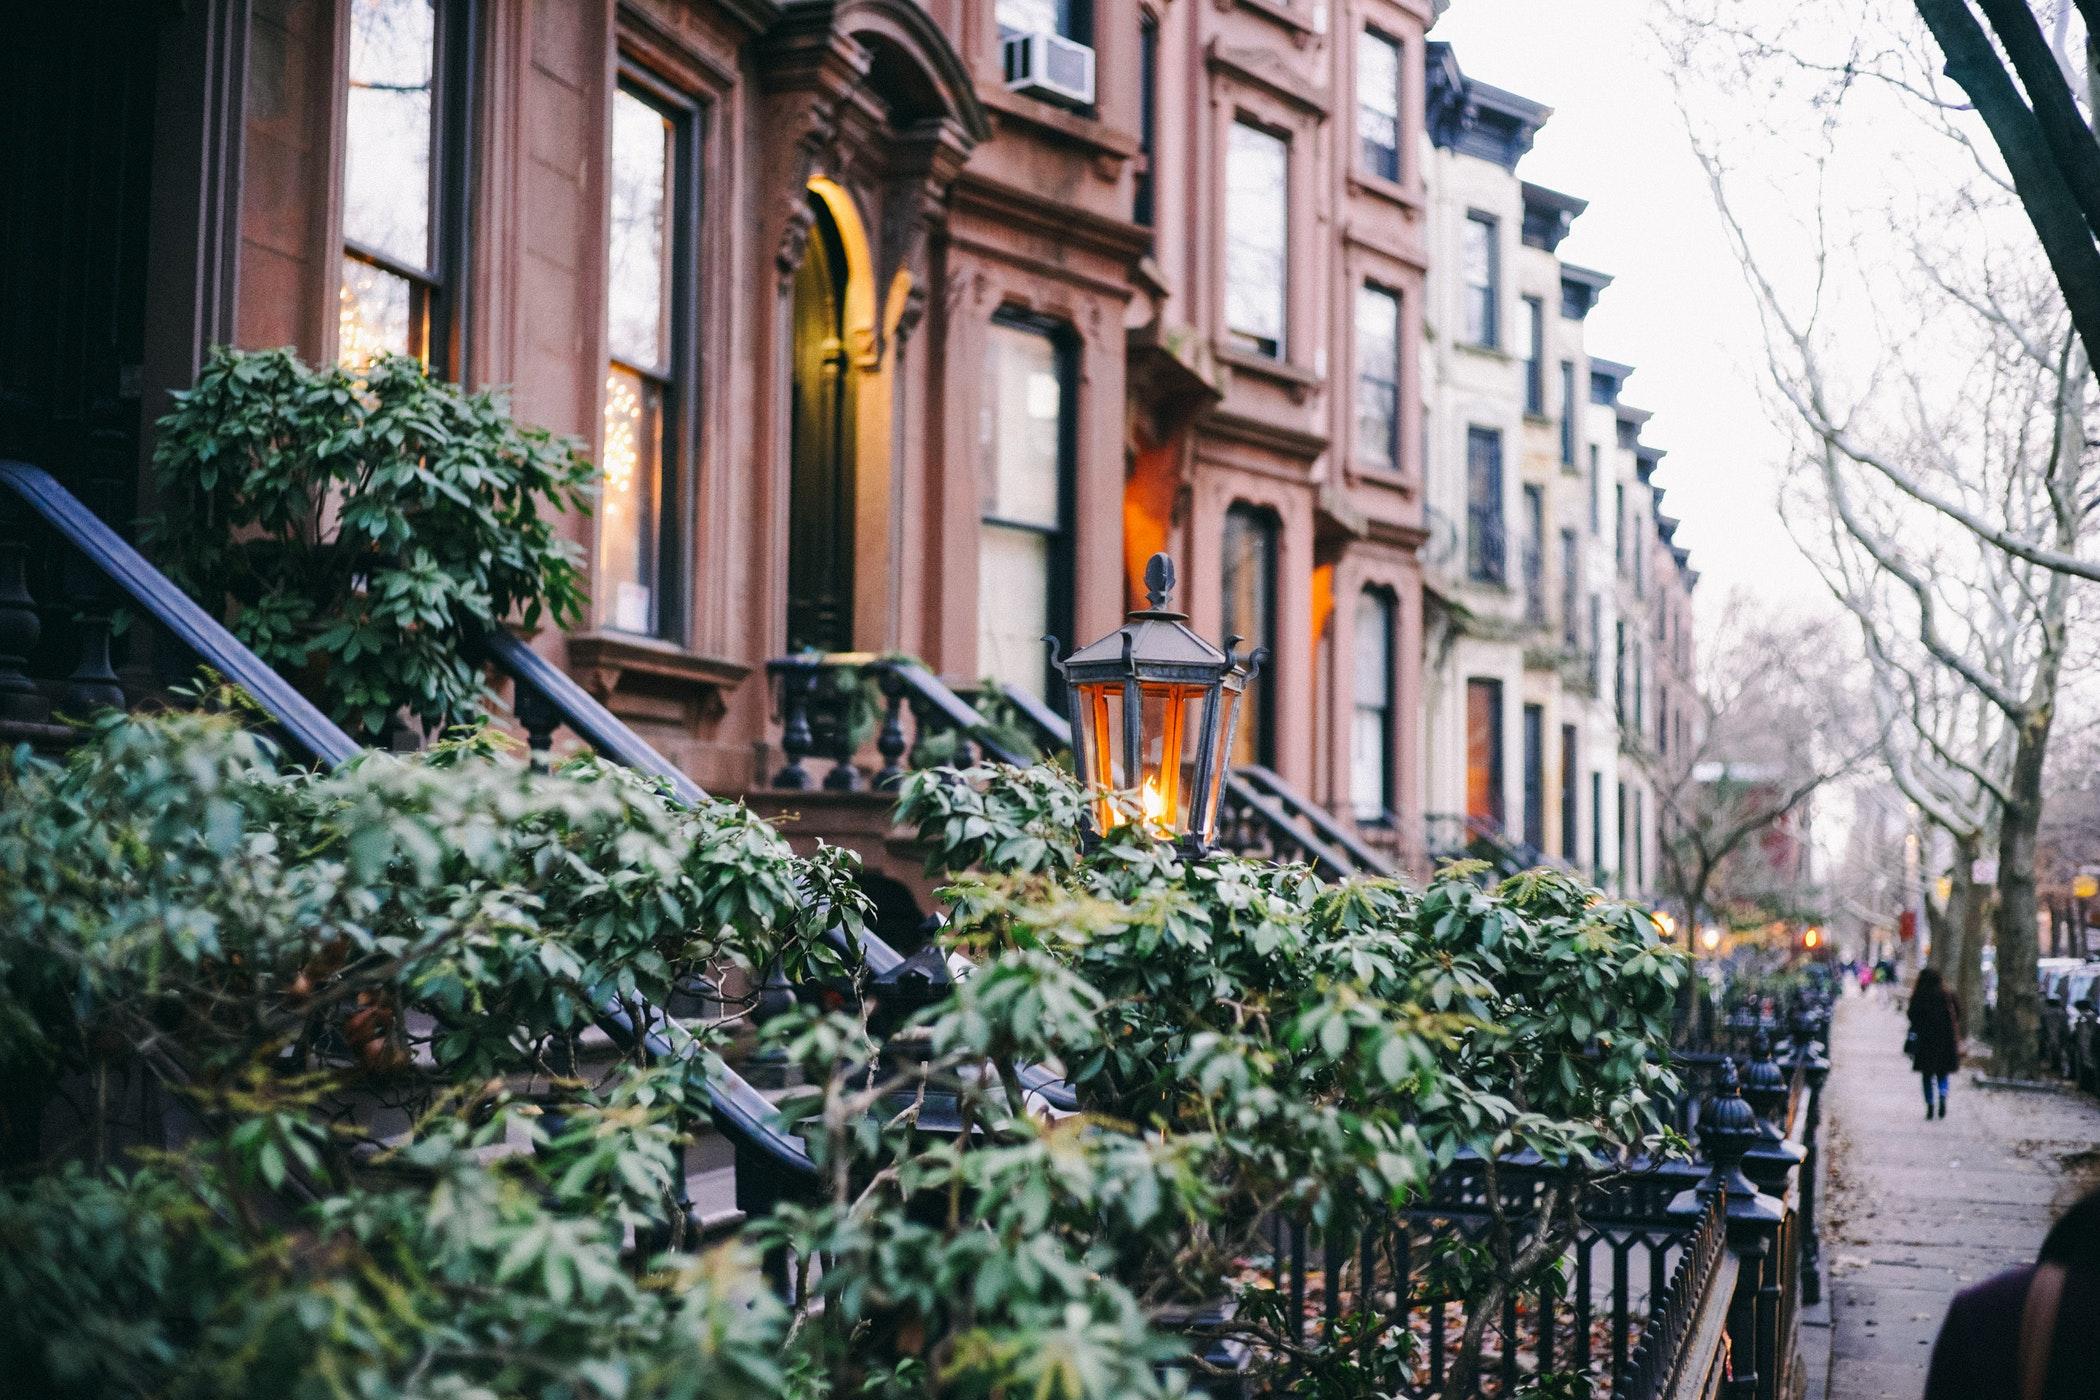 Brooklyn - Asking $175,000